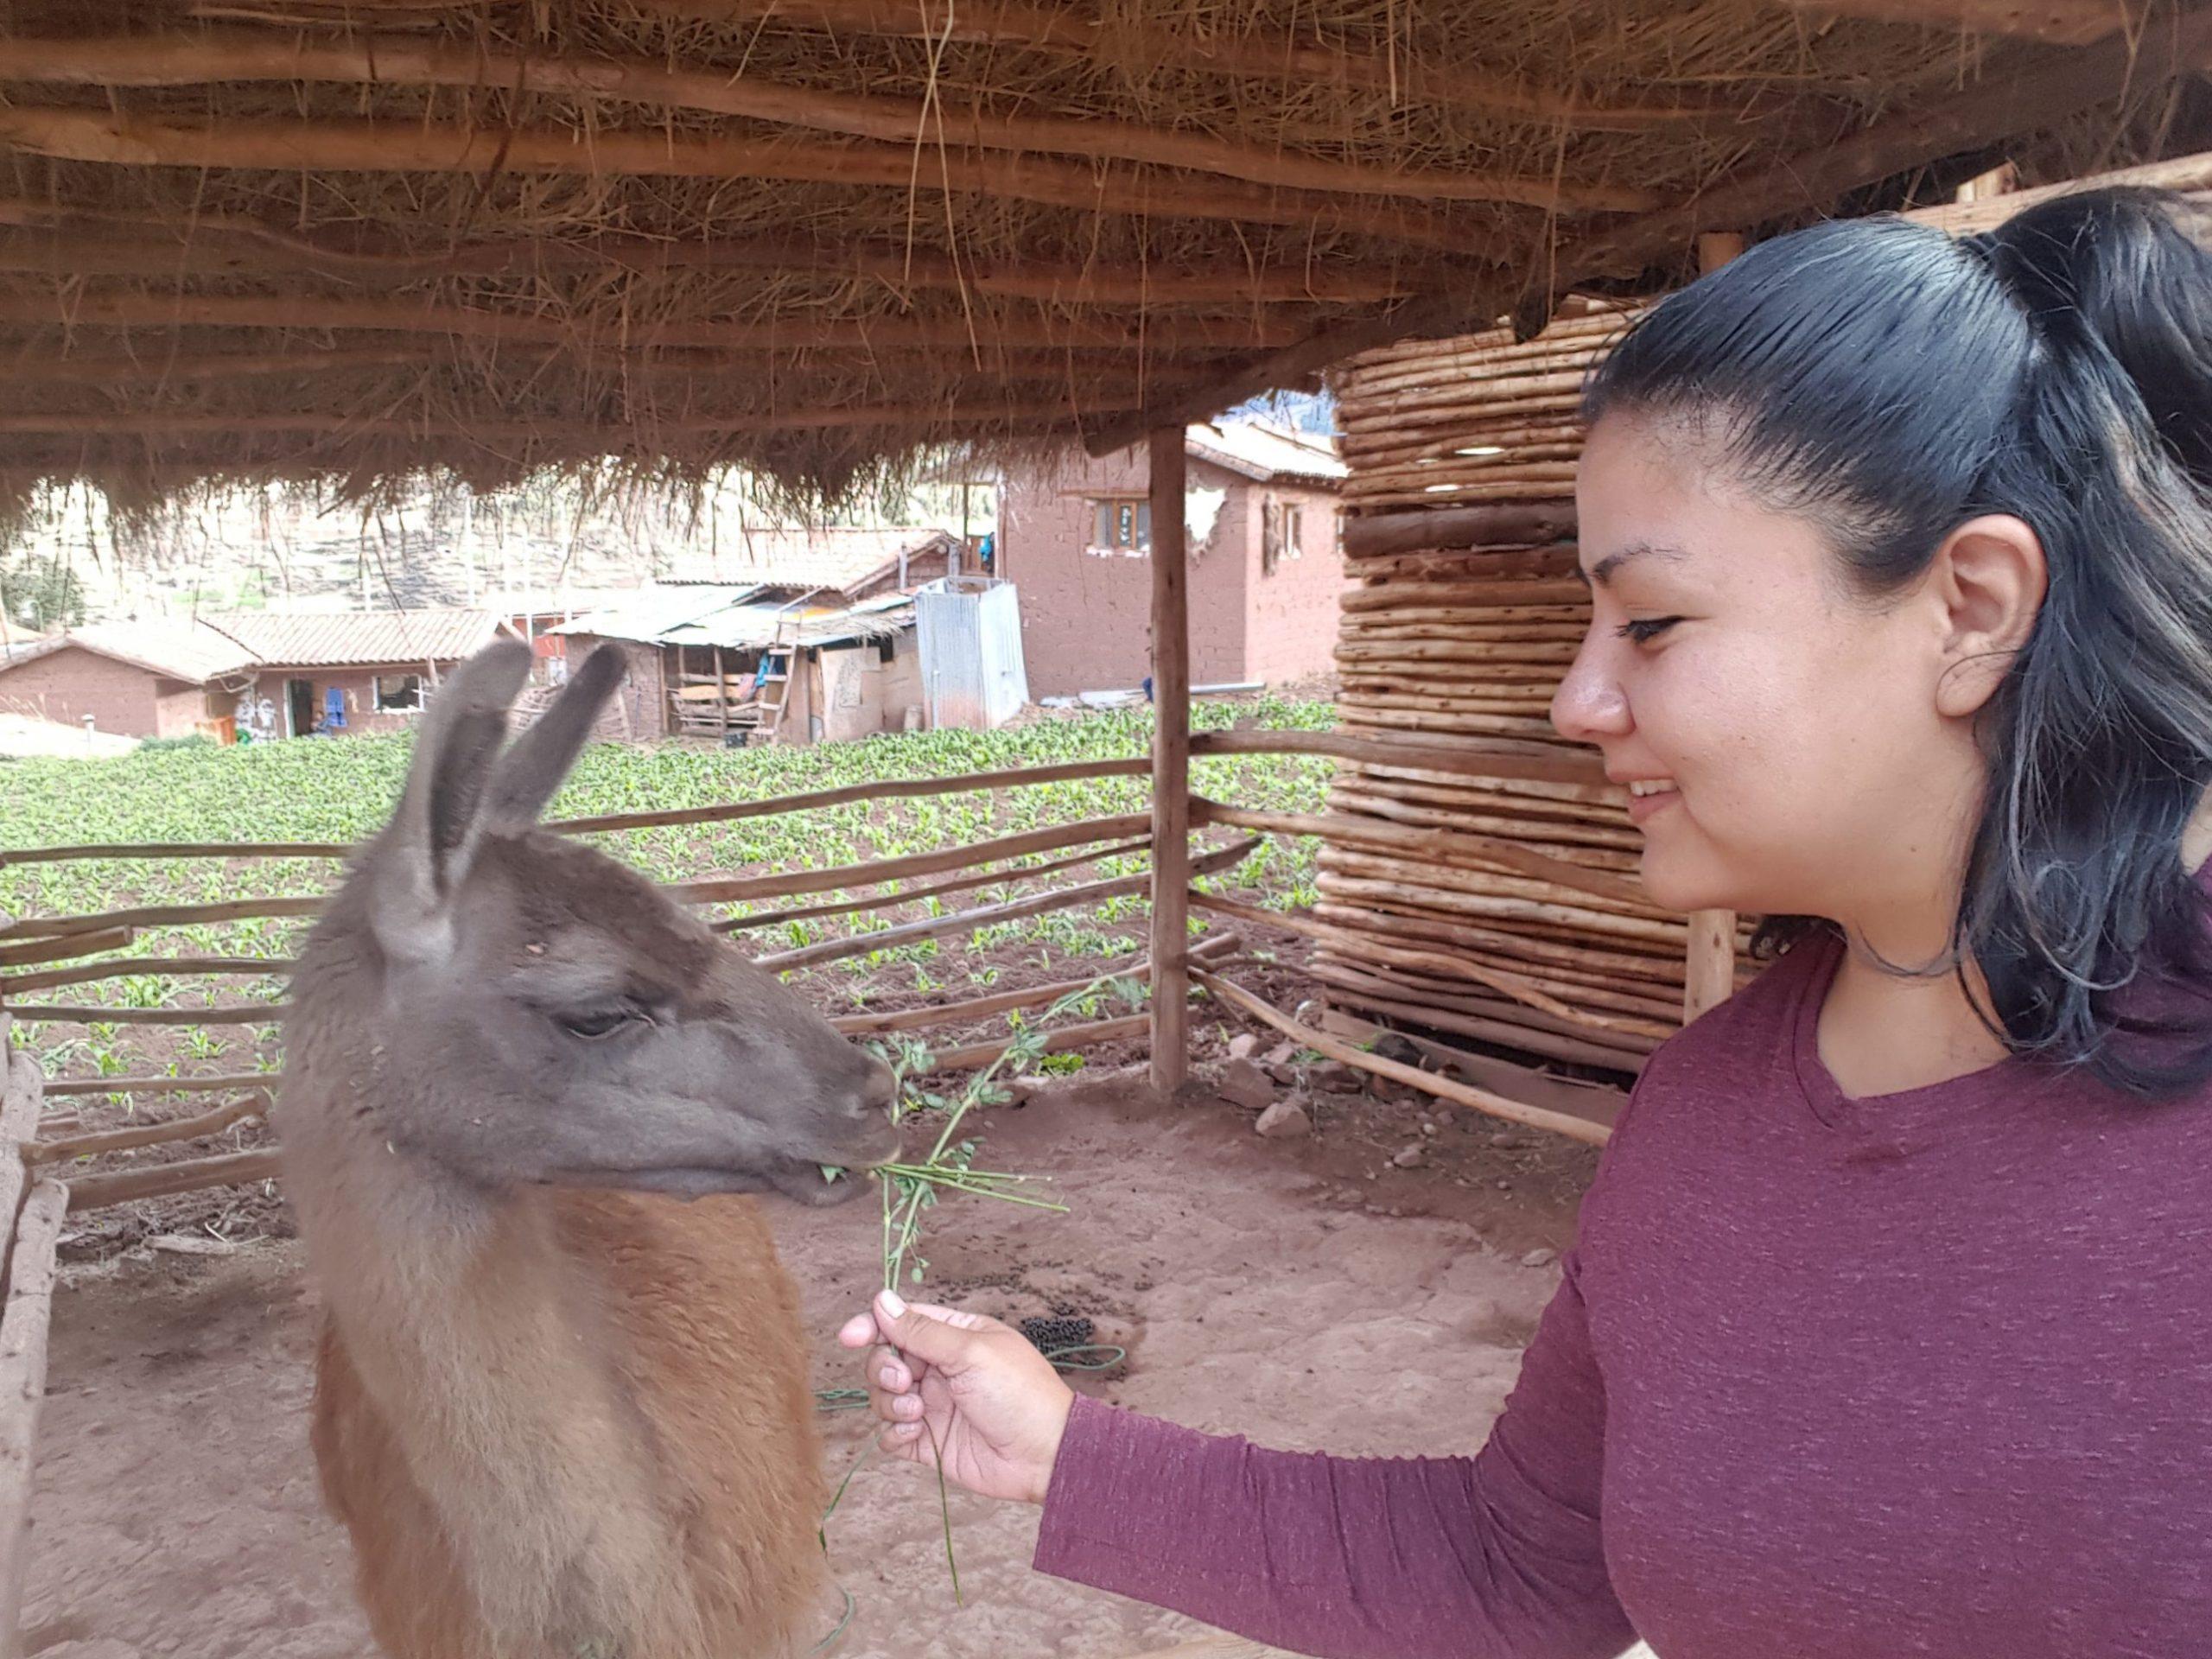 Gaby P. with Llama